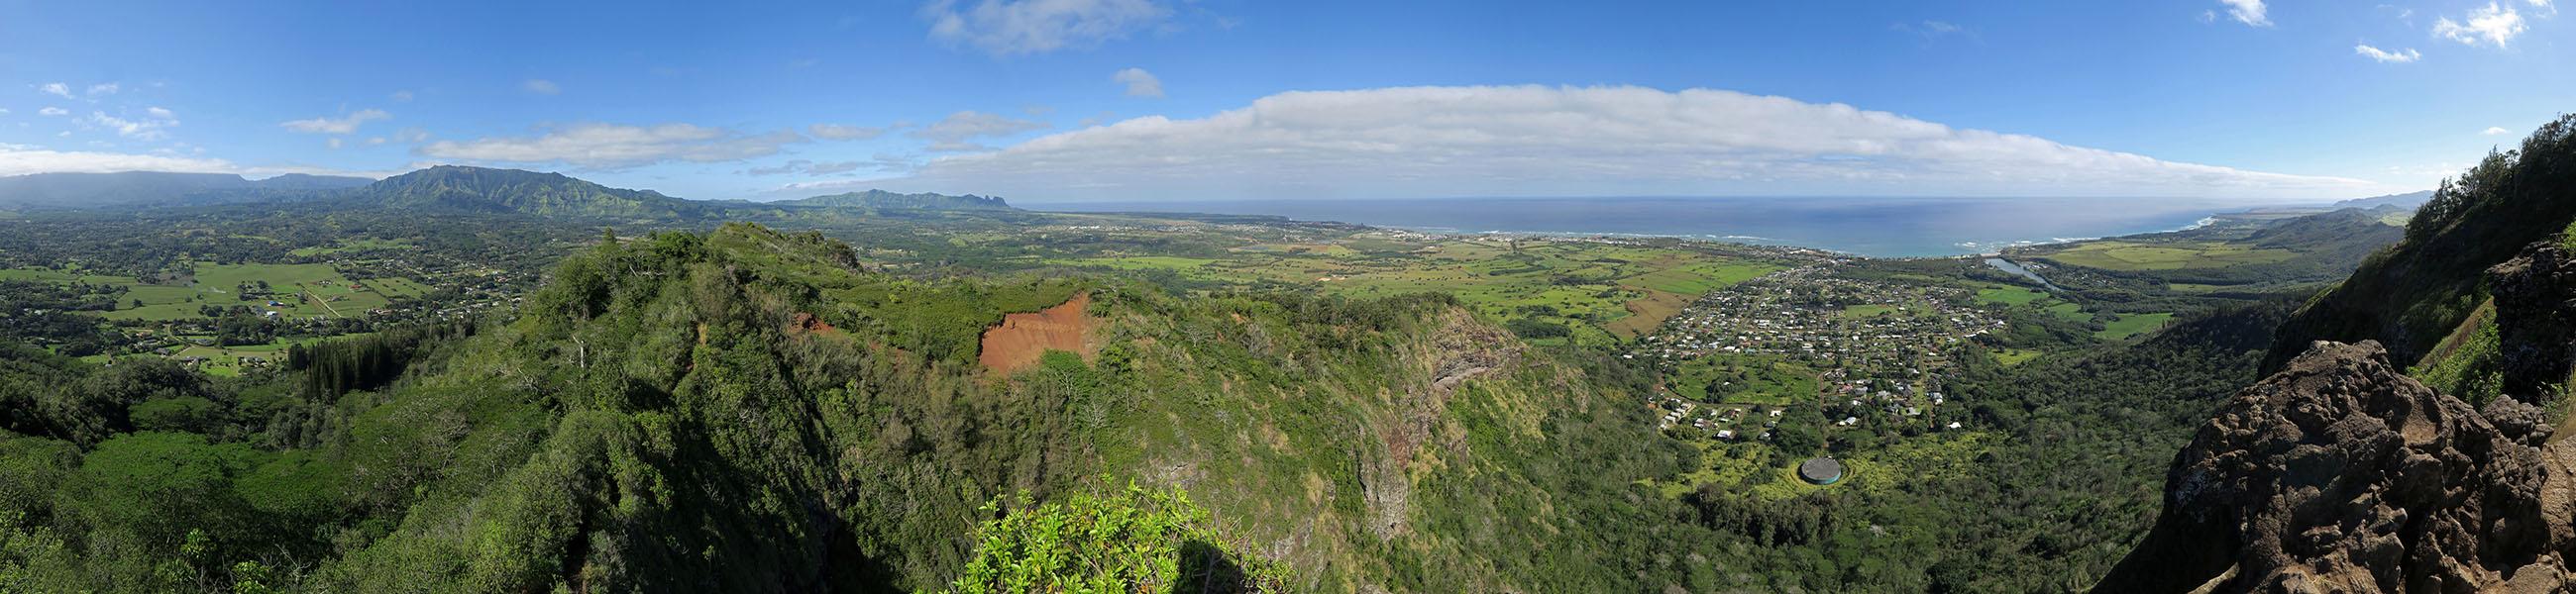 Nounou panorama [Nounou Mountain, Wailua, Kaua'i, Hawaii]